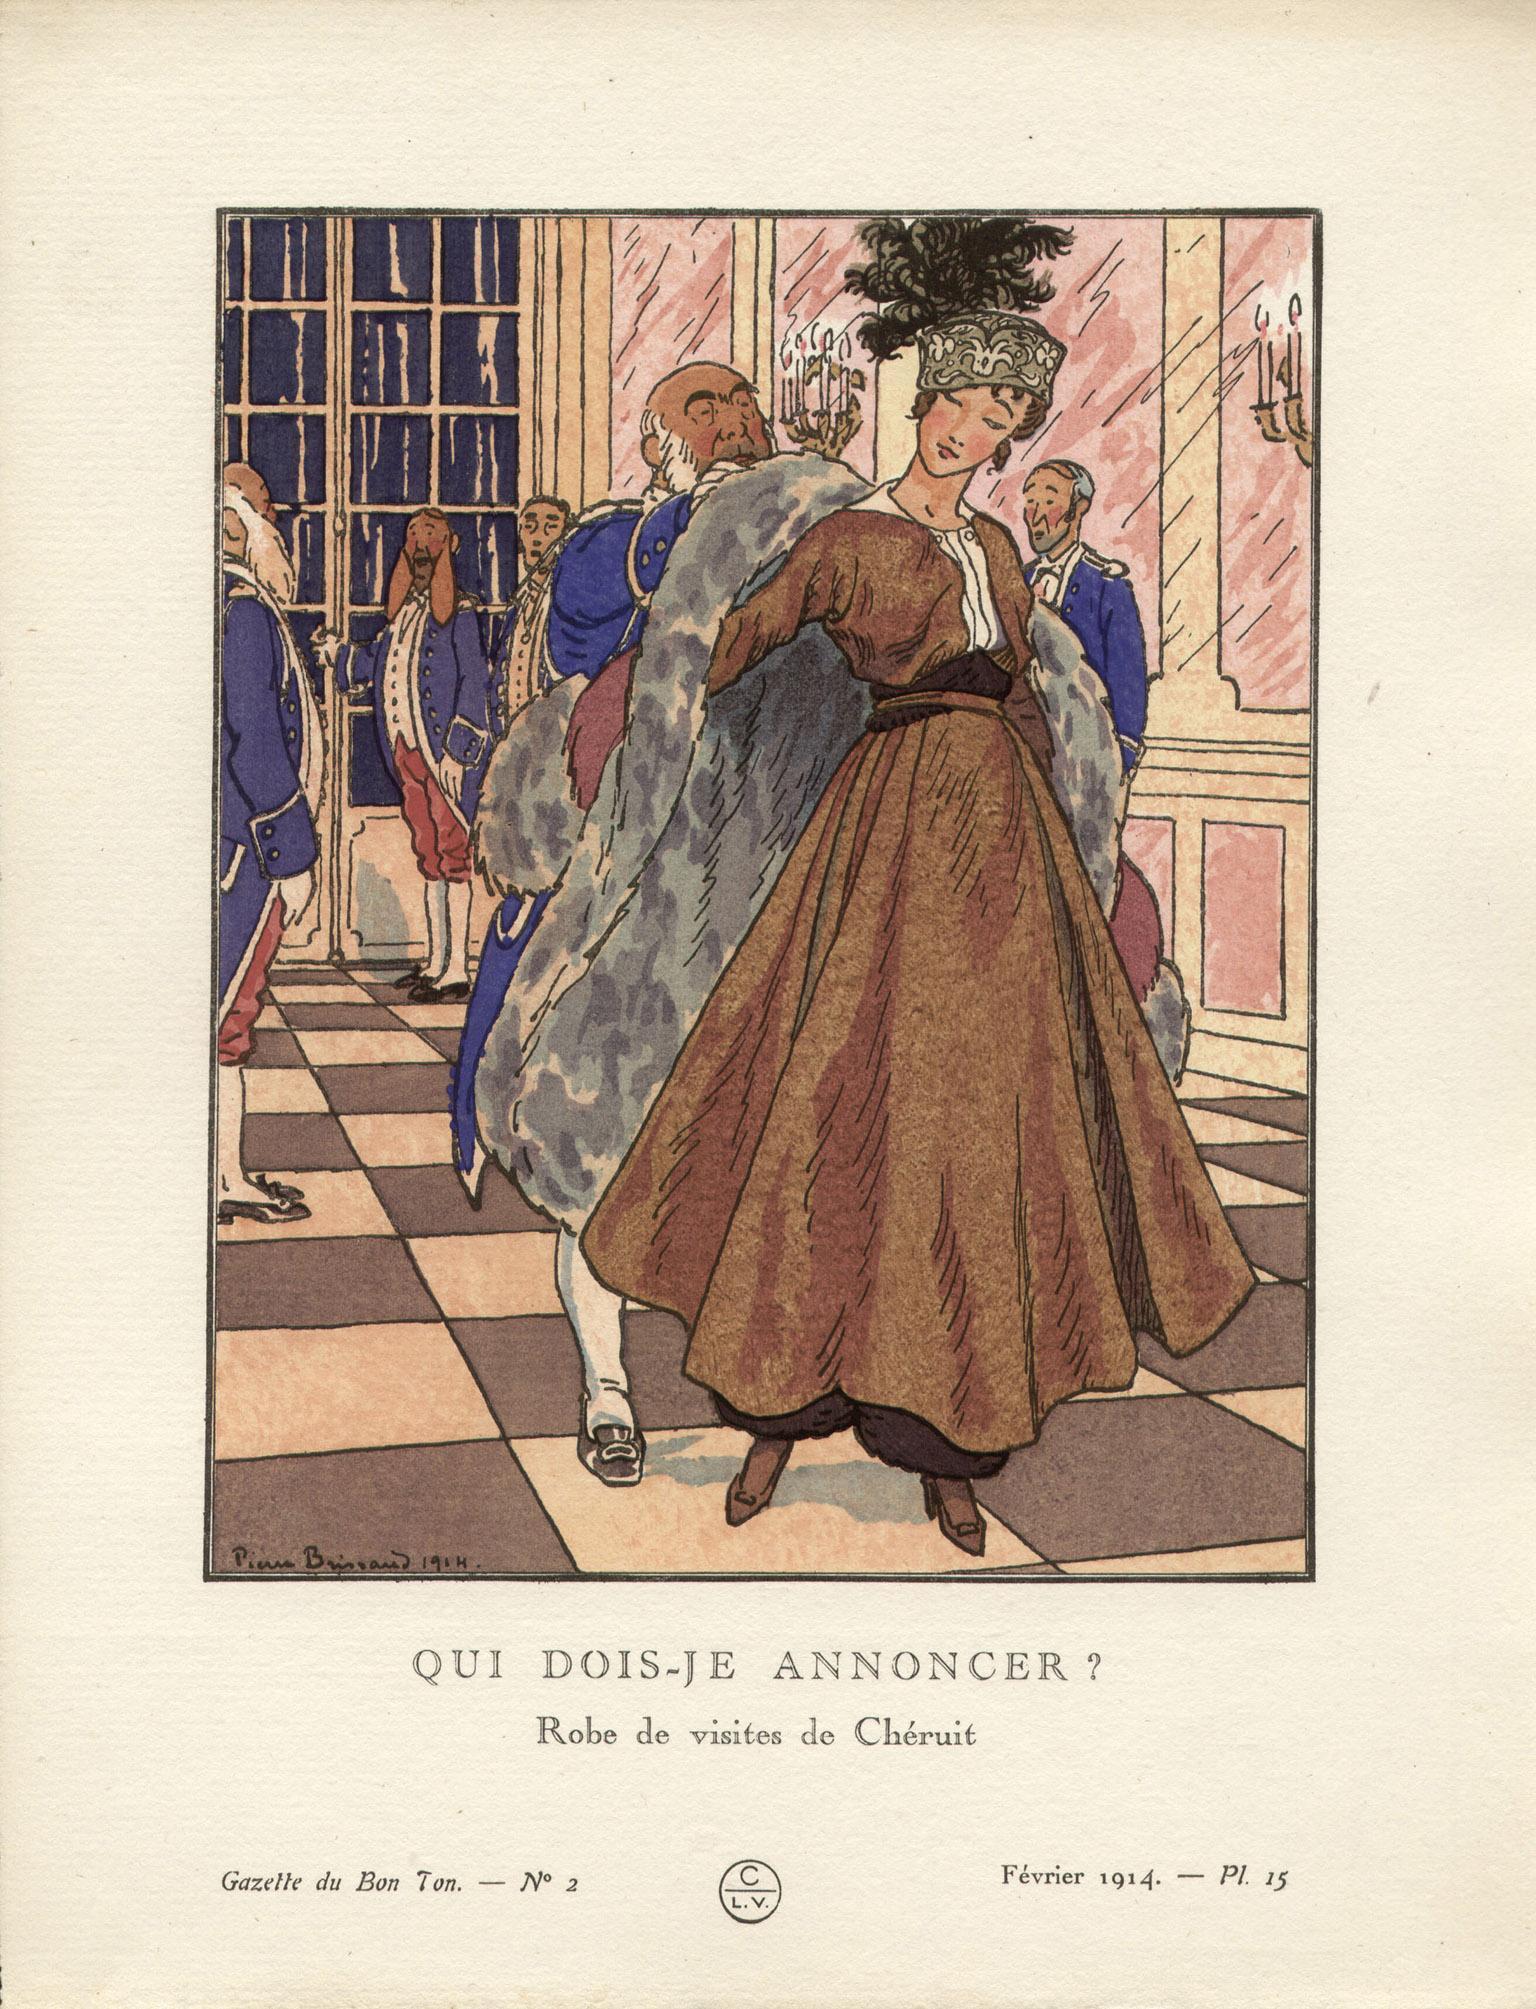 Qui dois-je annoncer ? French Art Deco Gazette du Bon Ton Fashion Plate, 1914